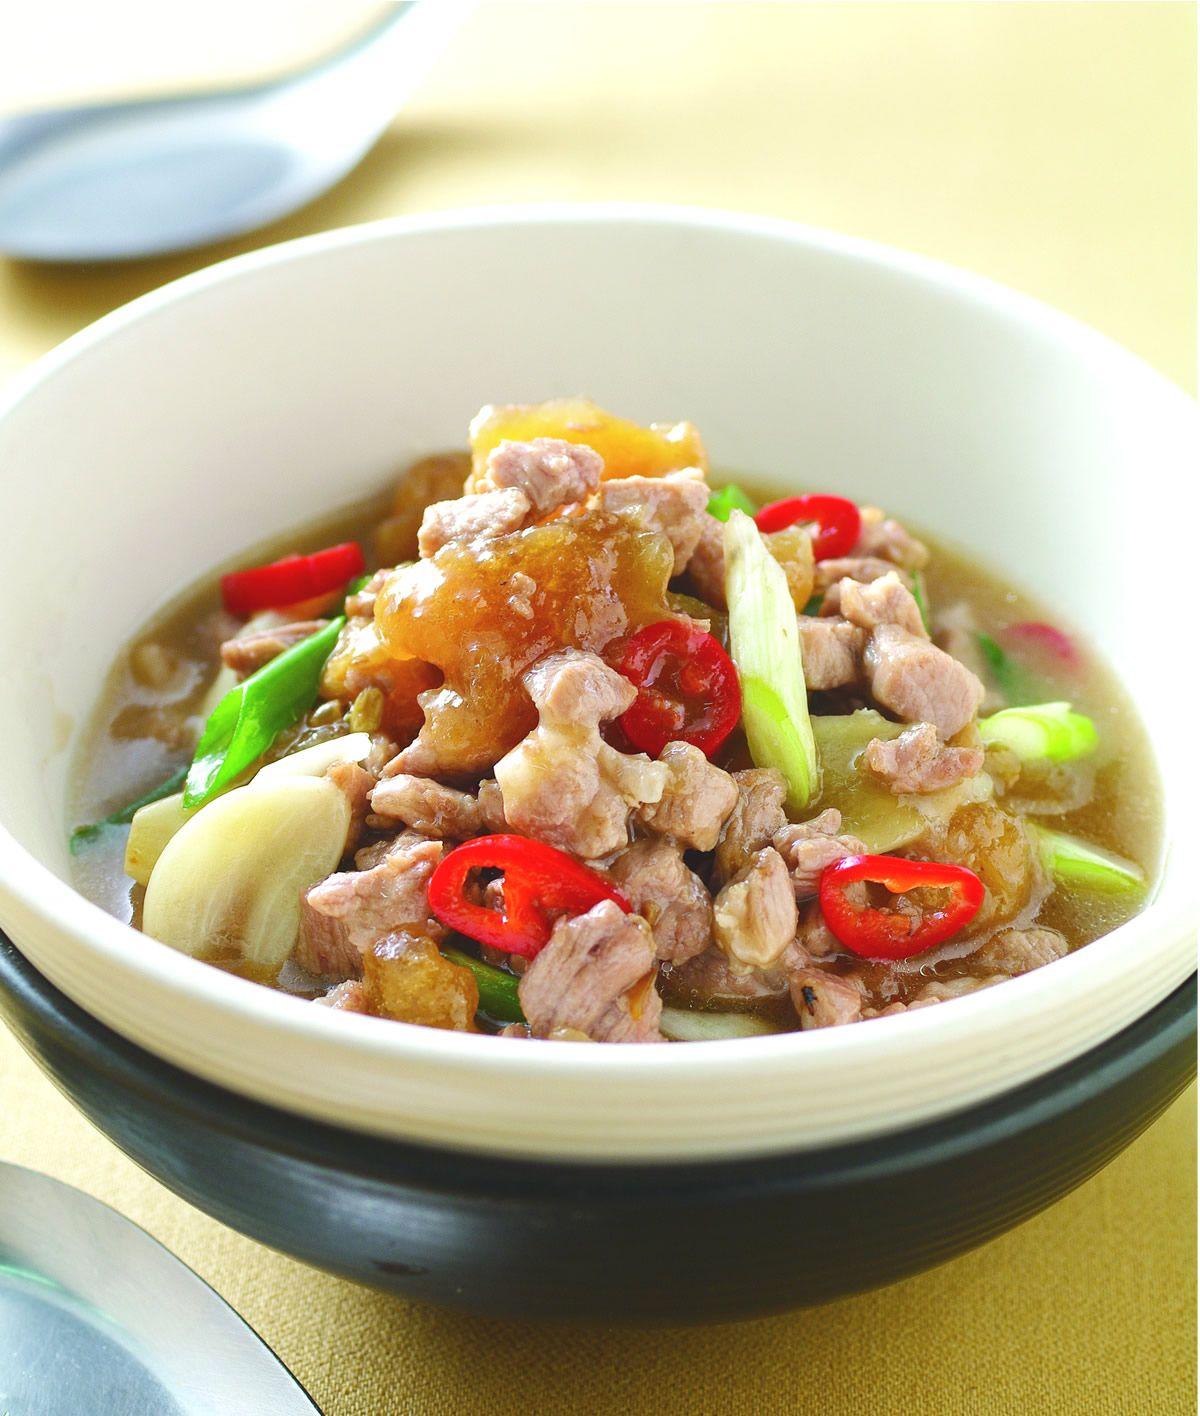 食譜:鹹冬瓜肉蒸魚醬